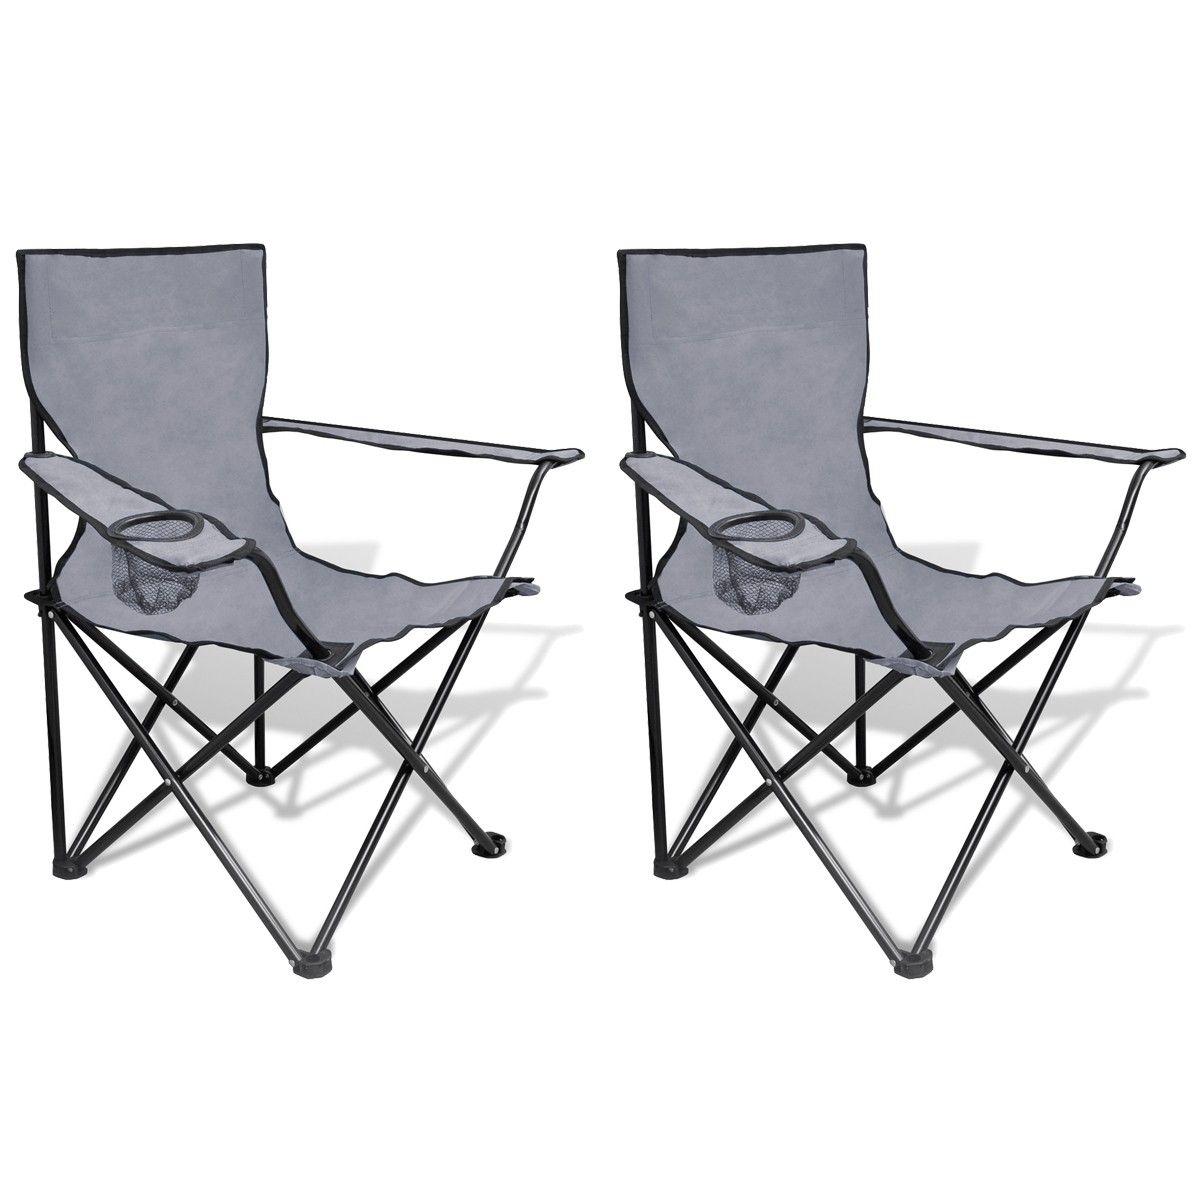 Sammenleggbar Stol 2 stk Camping Stol med Grå Veske (41147